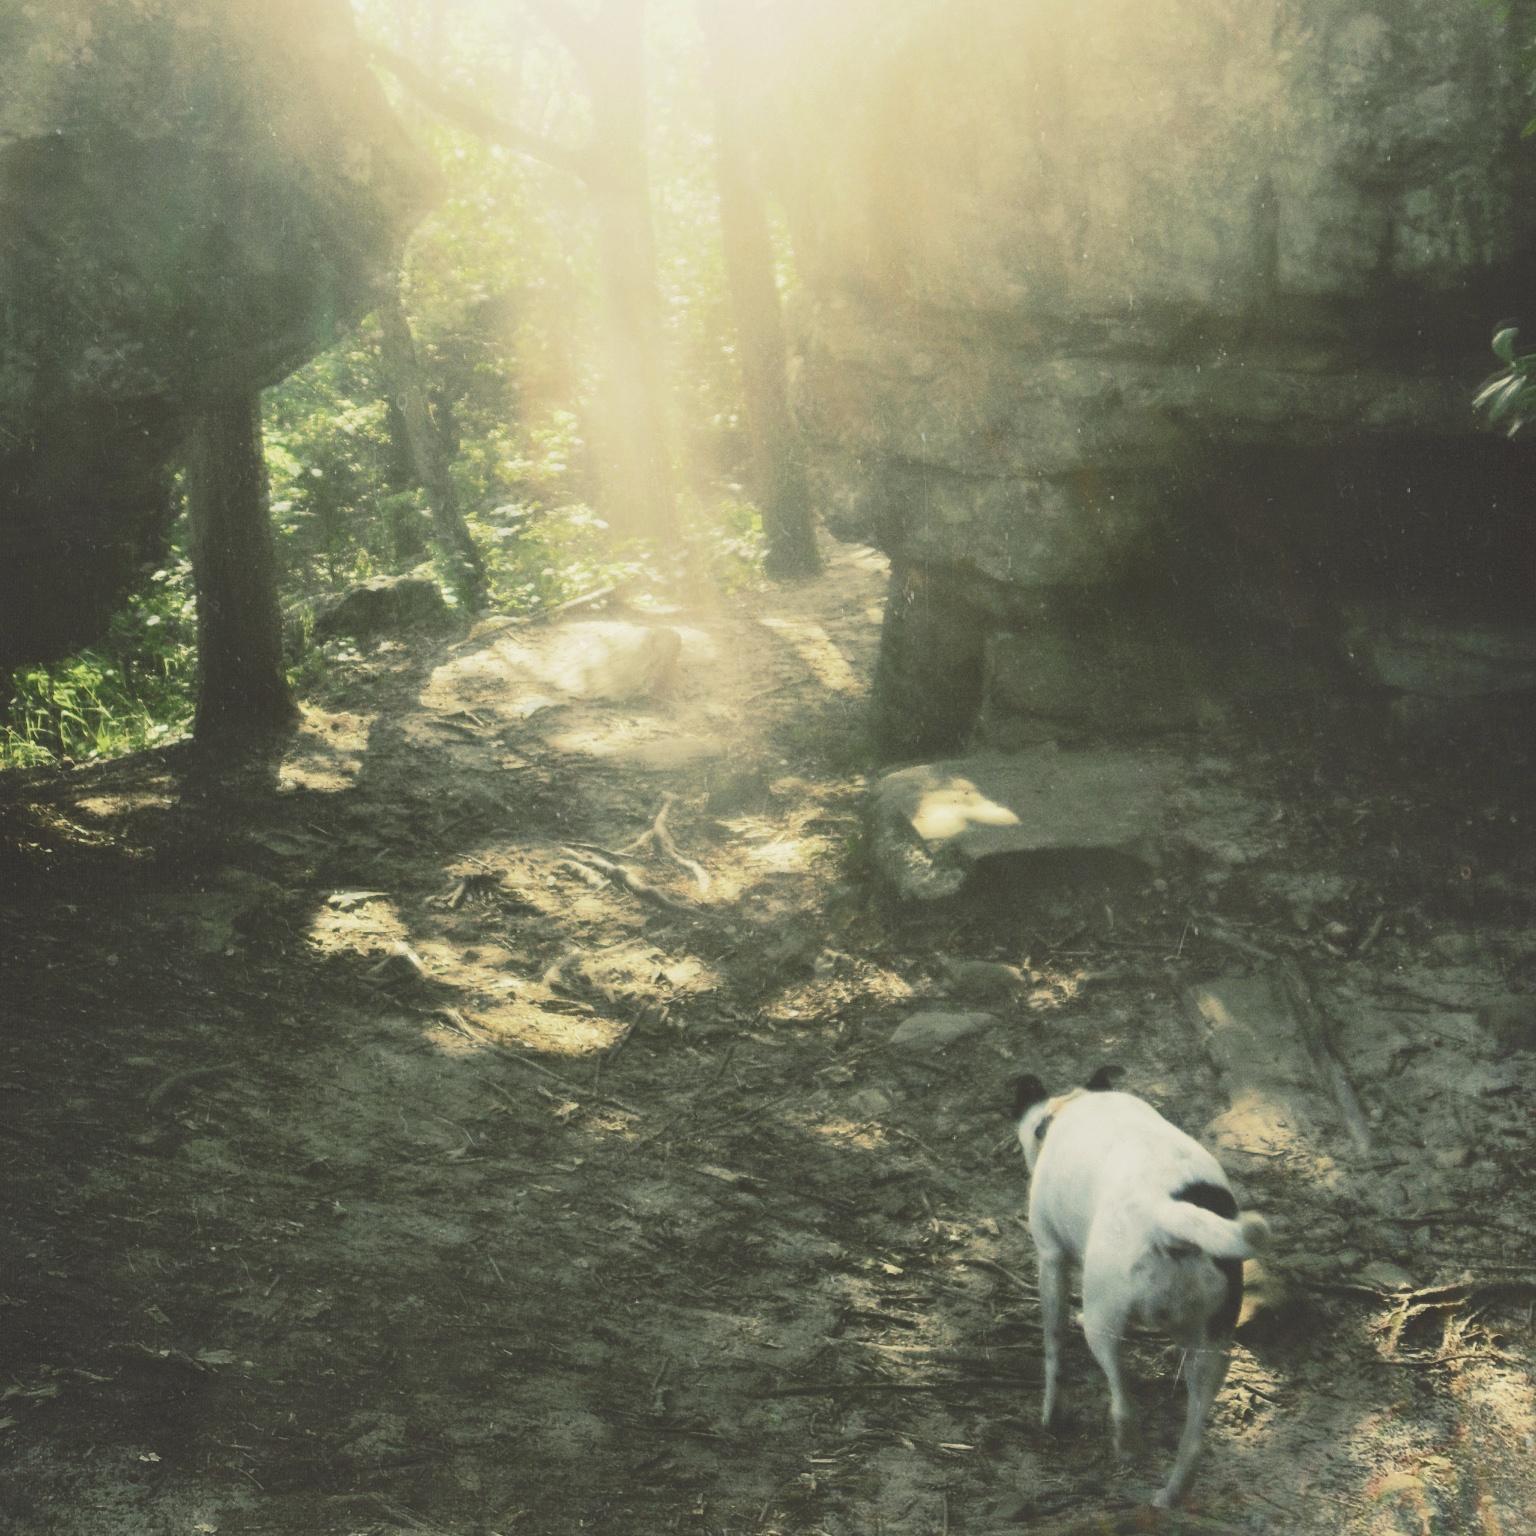 Moor Hound - Stifled Spirit